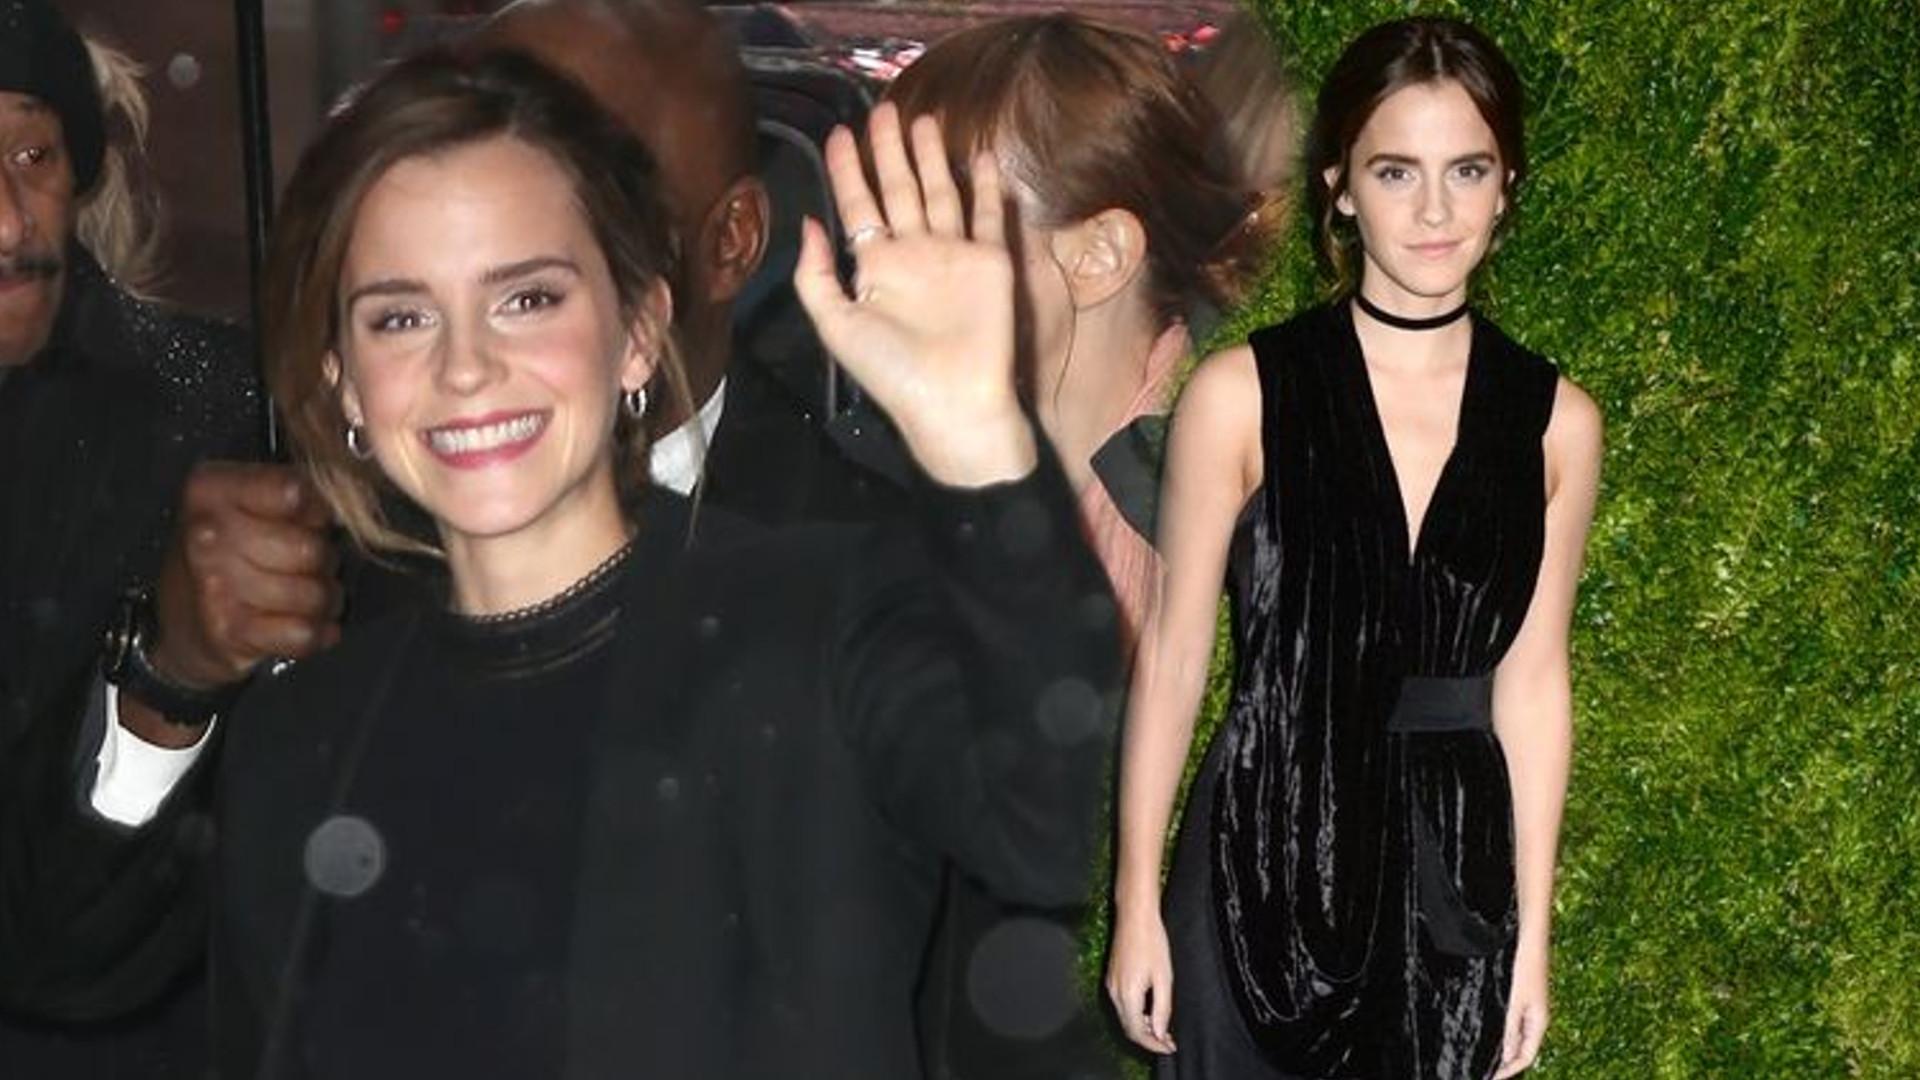 SZOK. Emma Watson ma nowego chłopaka – spotyka się z kolegą z planu Harrego Pottera!